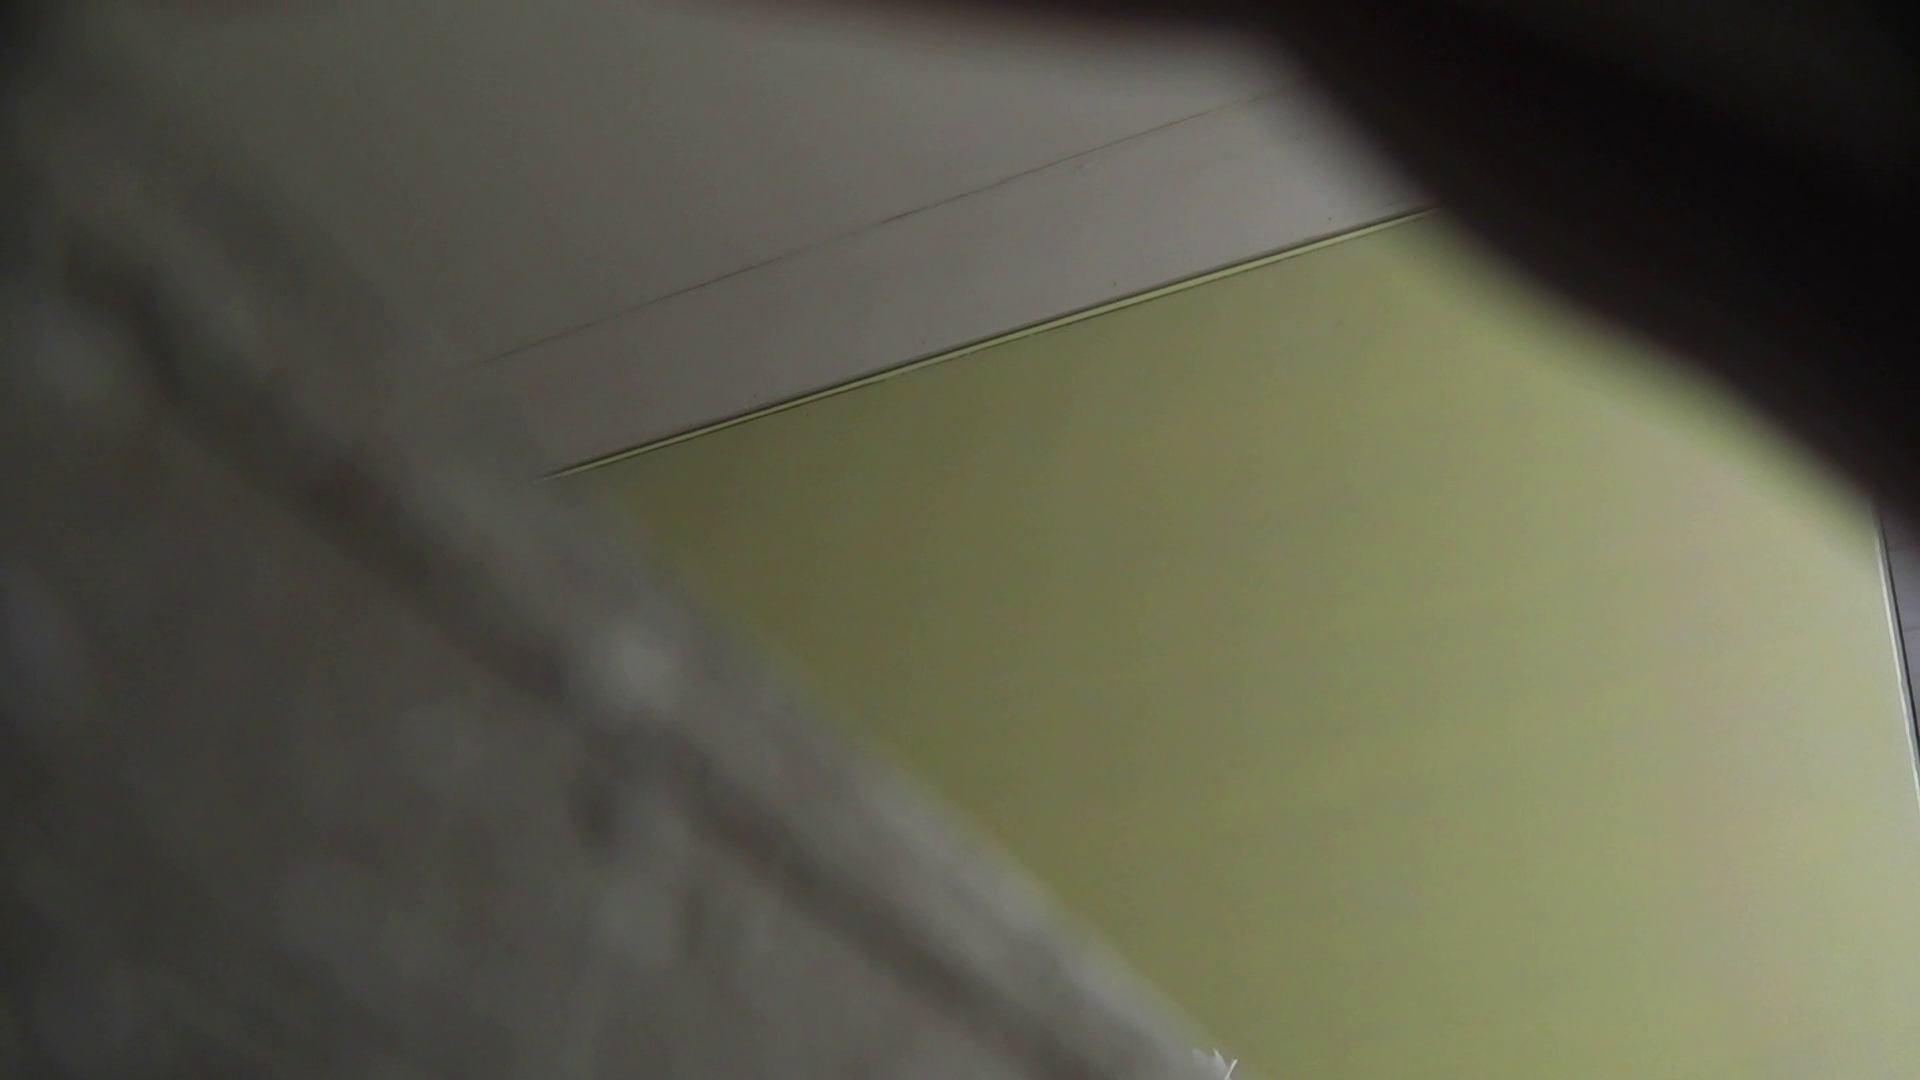 洗面所特攻隊 vol.001 清楚な美脚さん 盛合せ アダルト動画キャプチャ 75画像 68